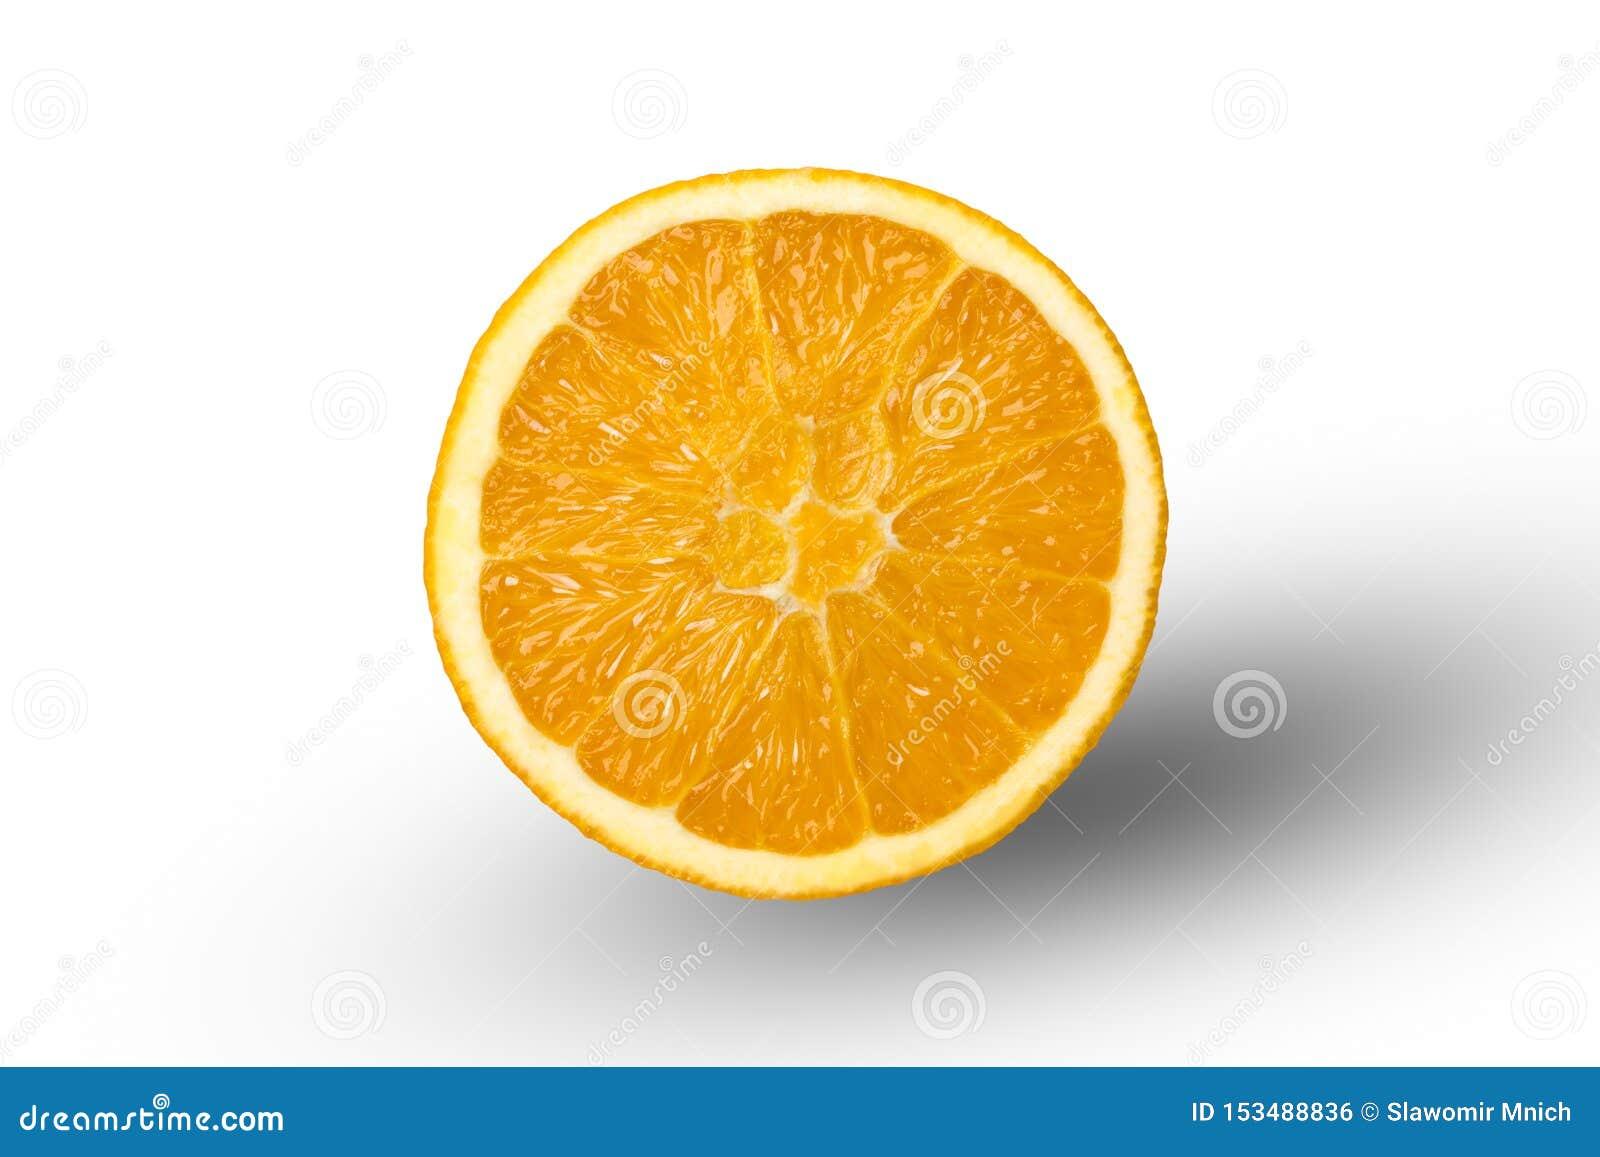 Περικοπή στο μισό πορτοκάλι